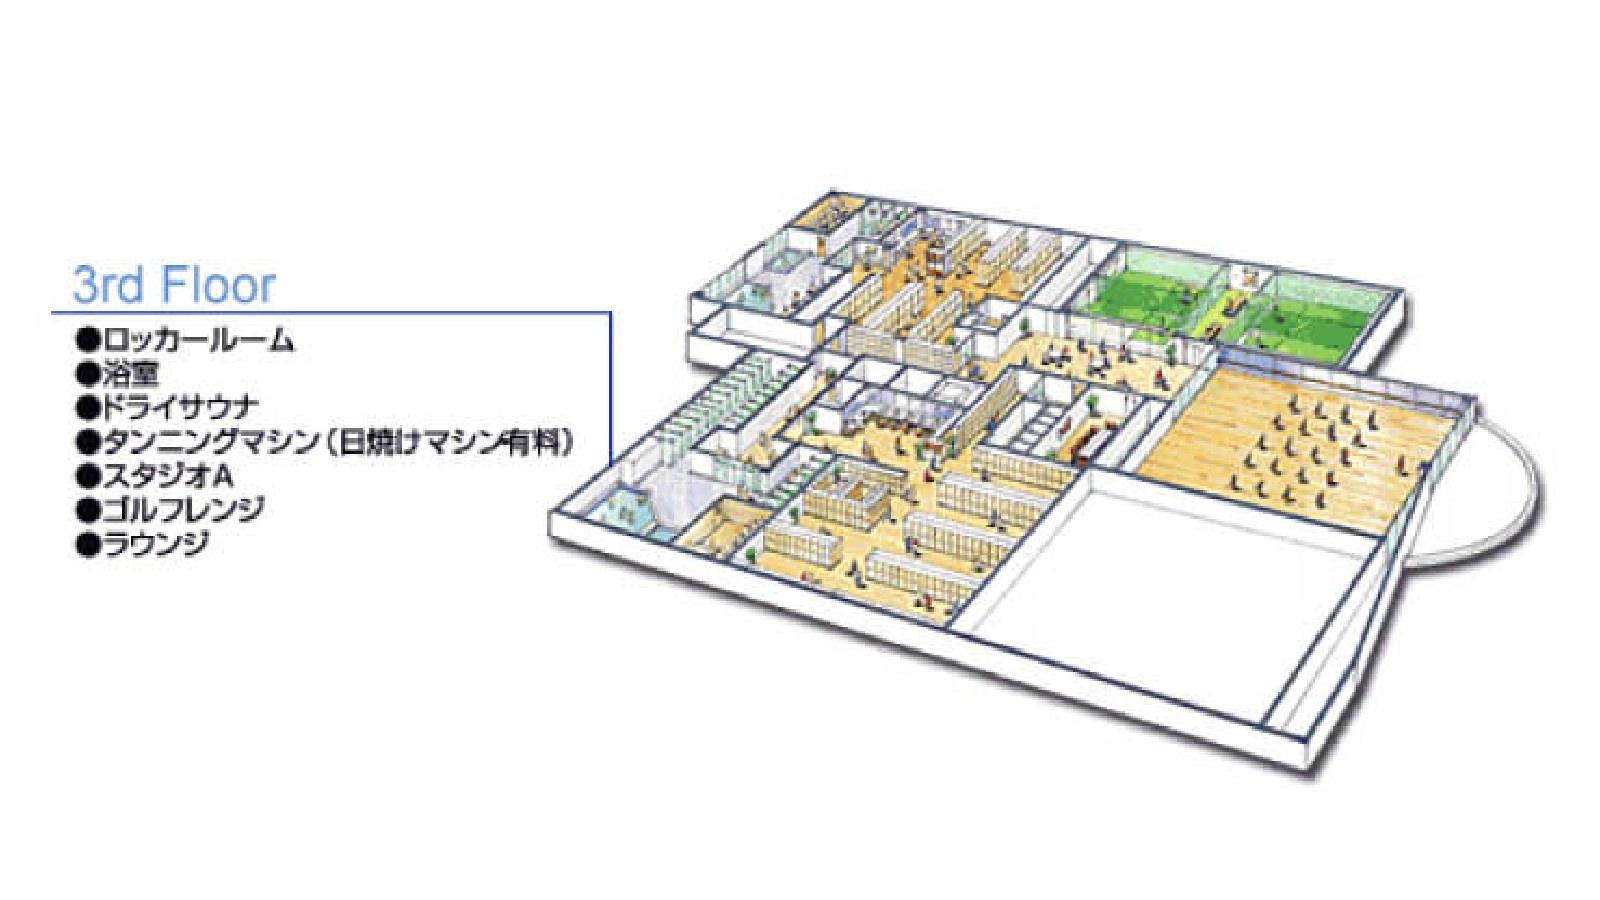 吉祥寺店のフロアガイド3